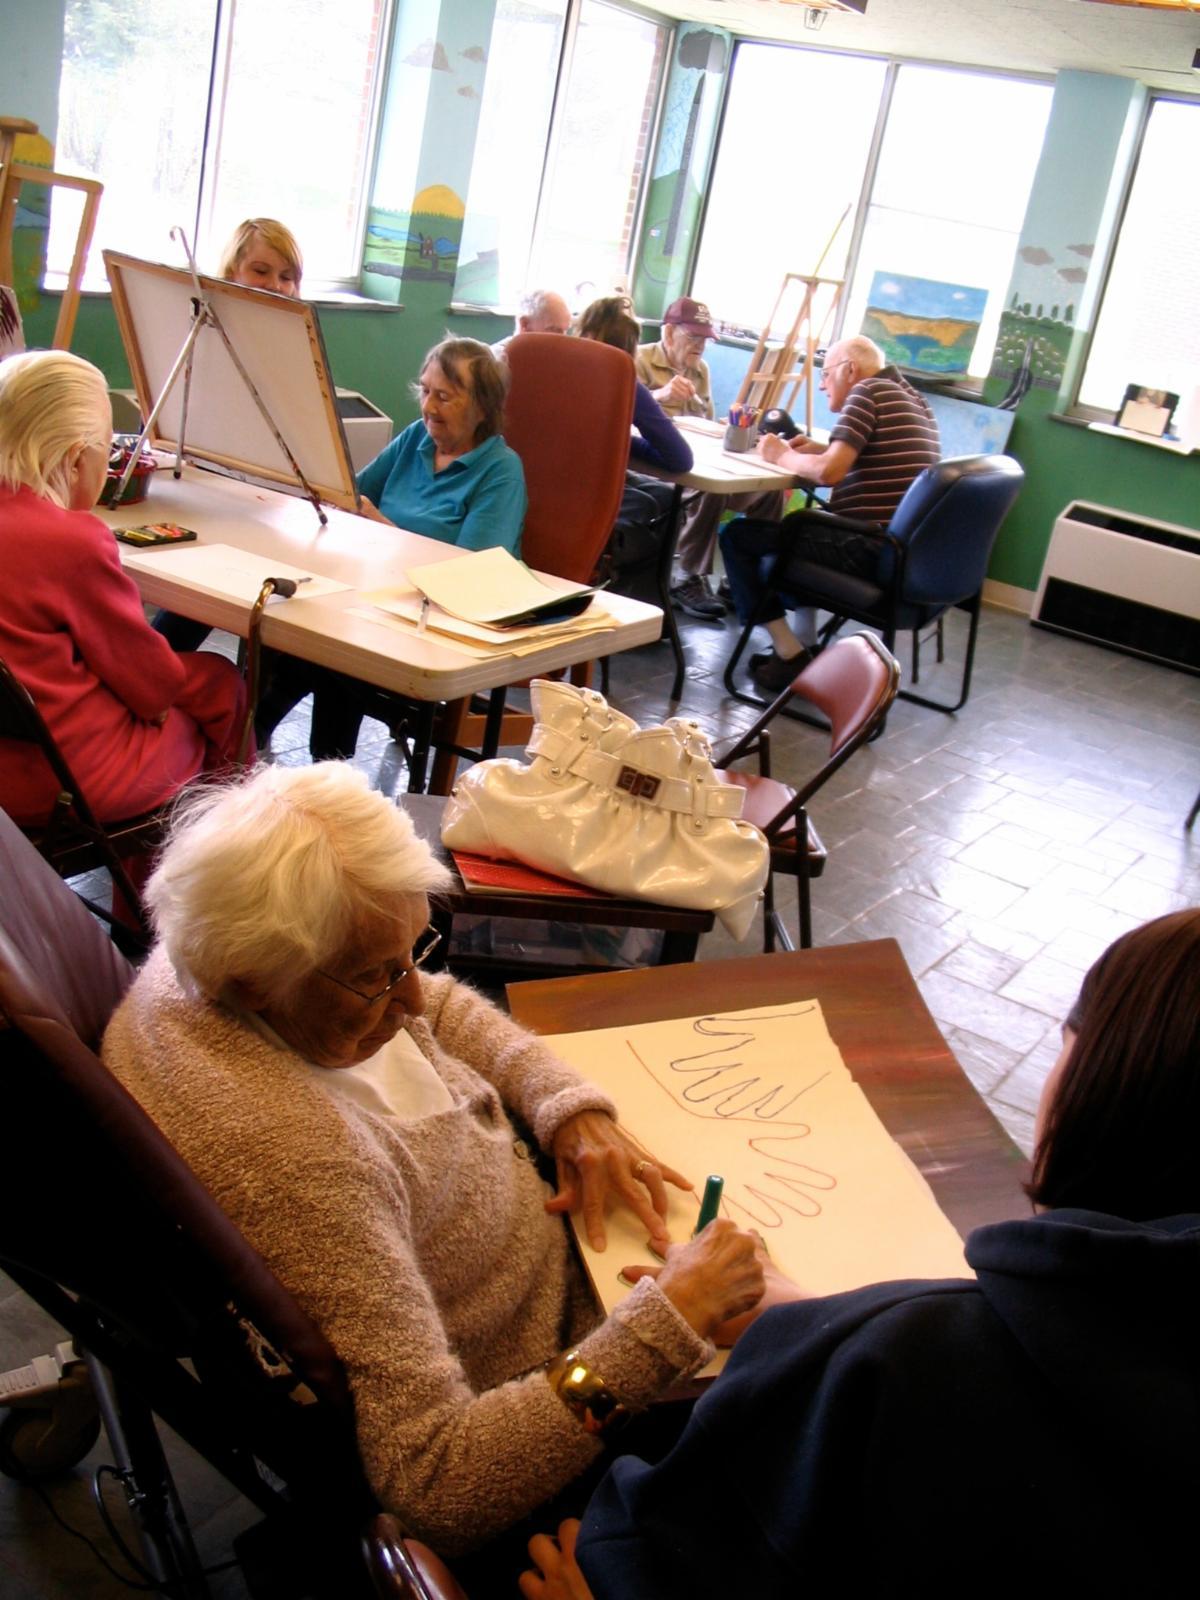 An intergenerational art workshop by Vermont Arts Exchange